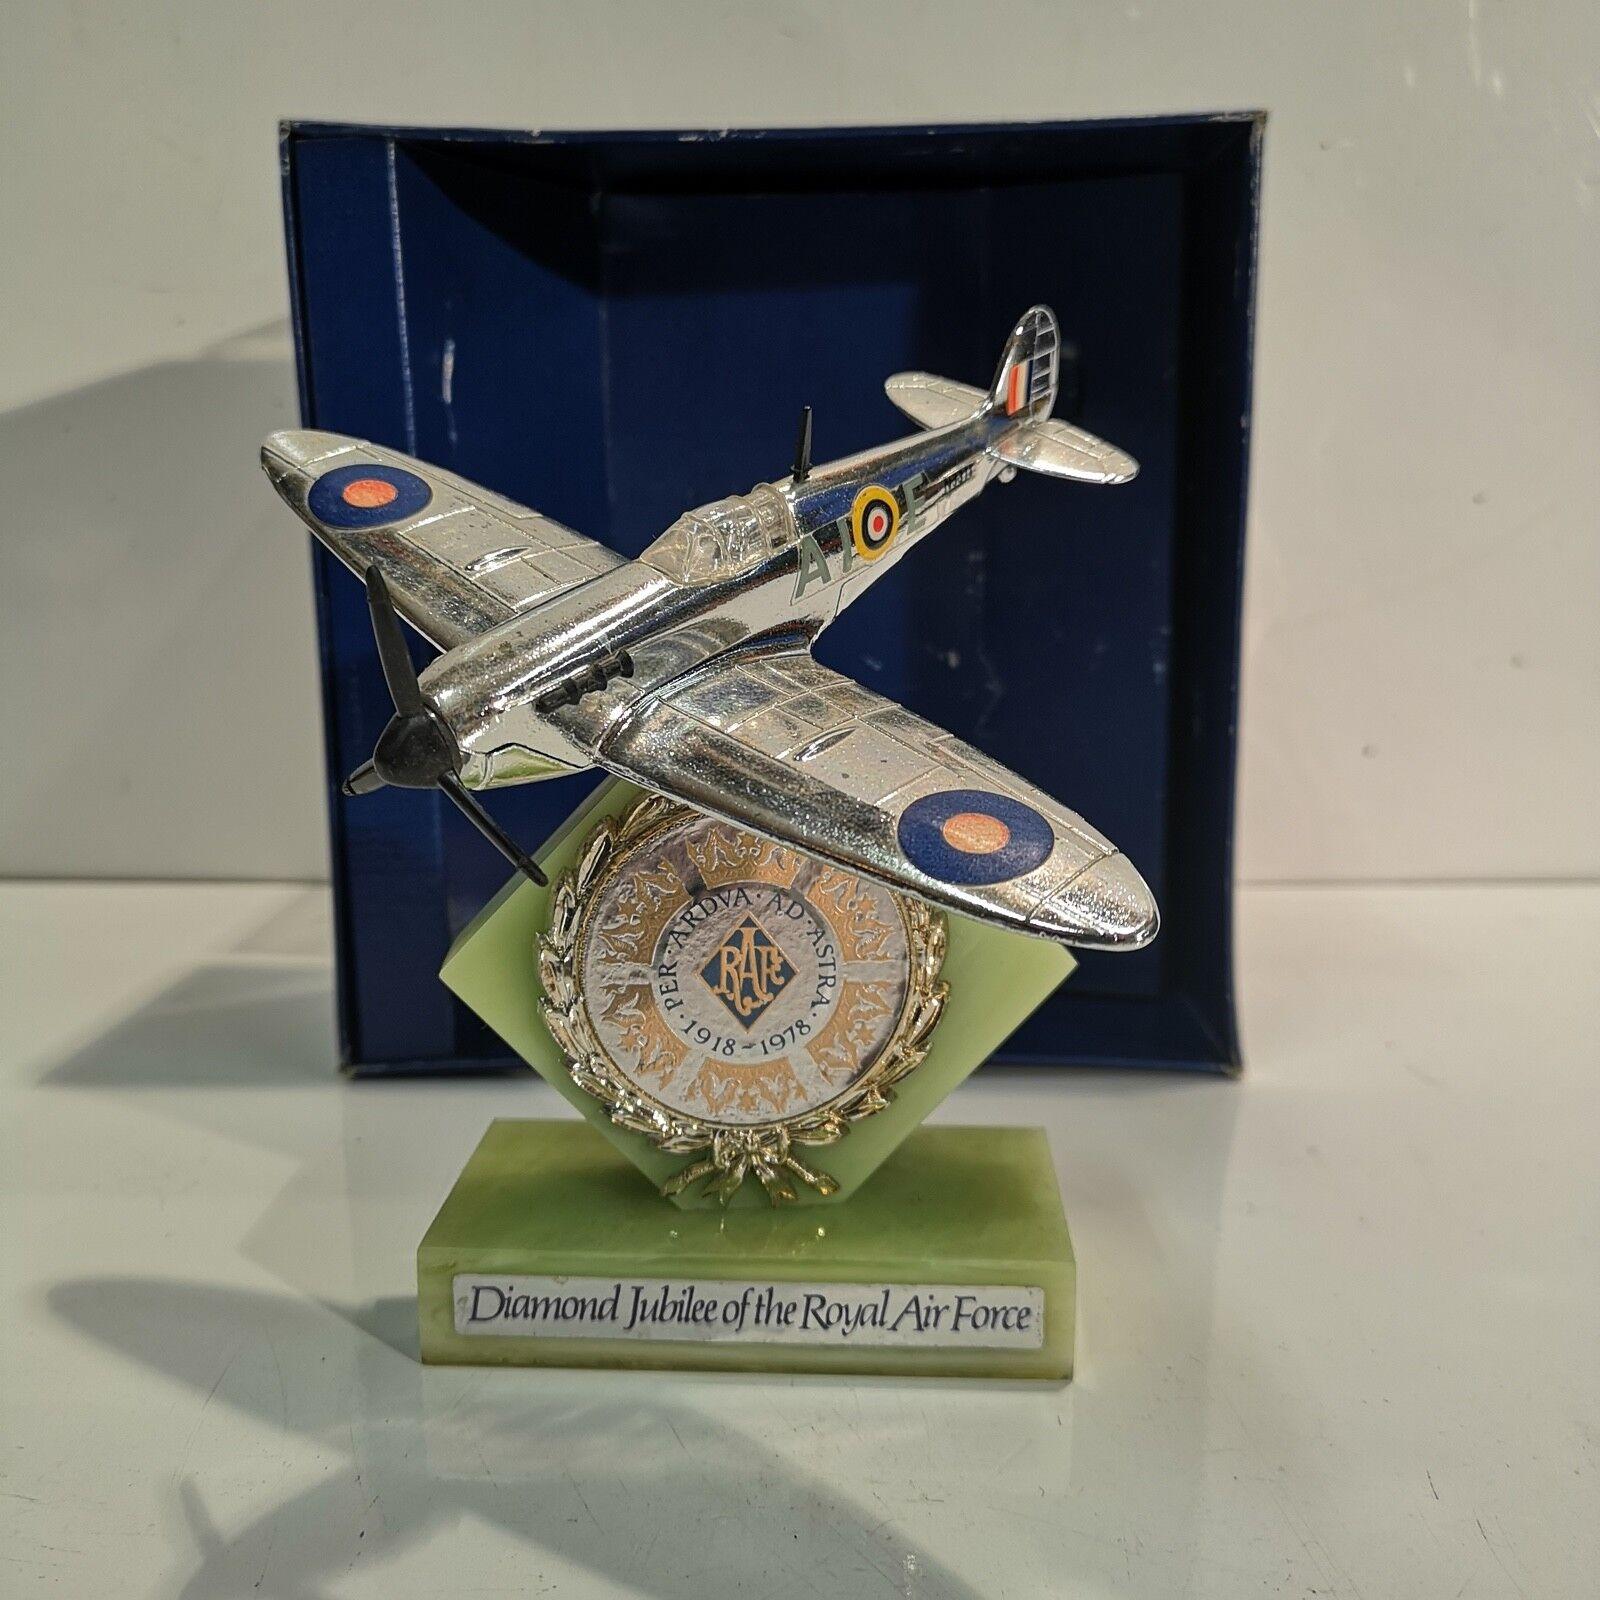 DINKY N. 700 Spitfire MARK 11 Giubileo di diamante della RAF 1979 IN SCATOLA USATO